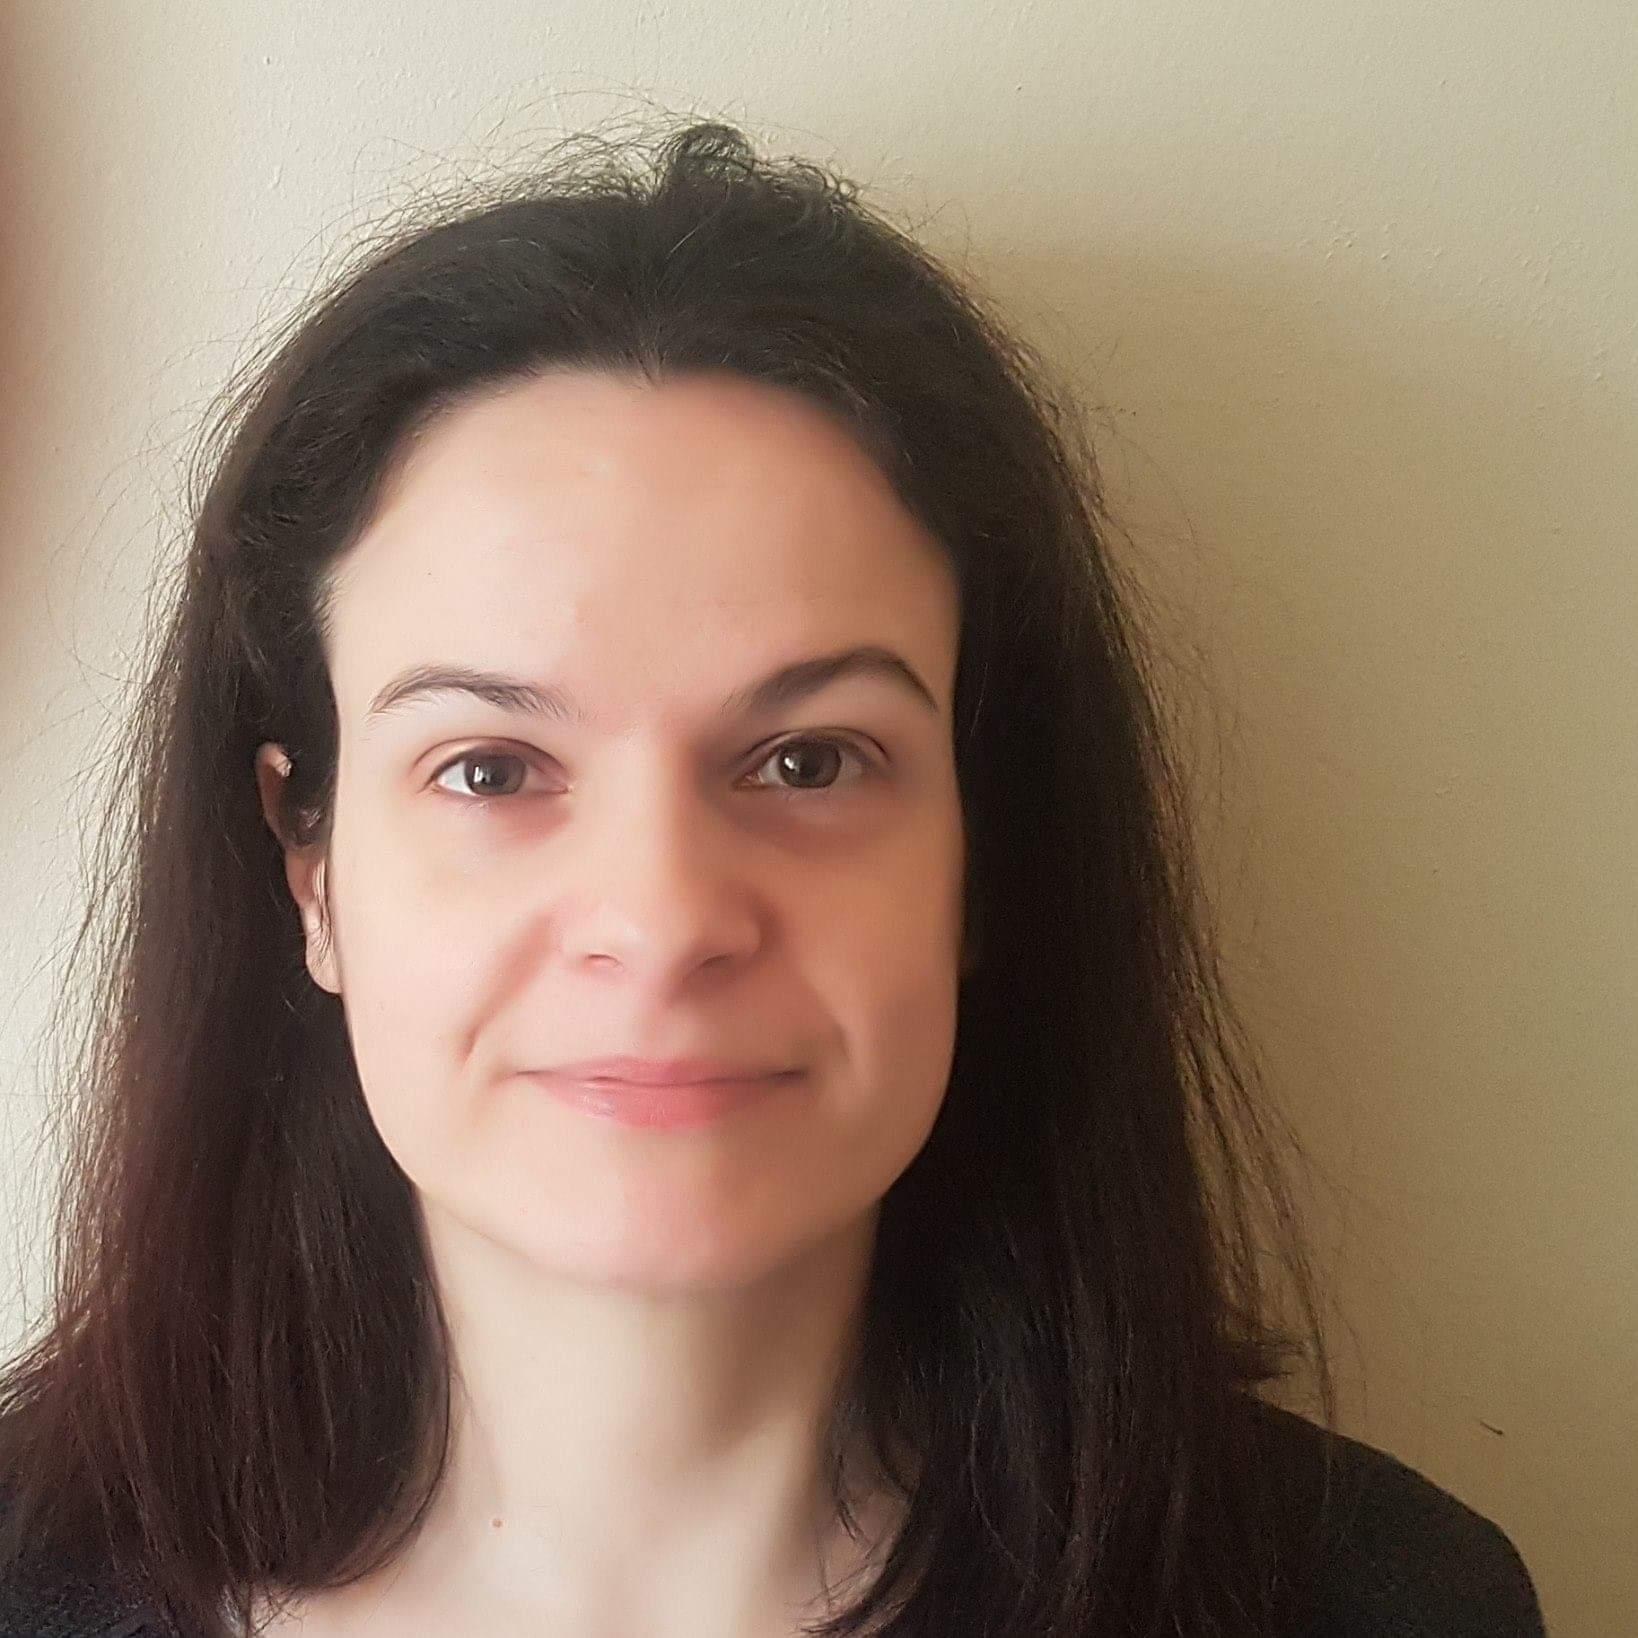 Author: Natali Lekka